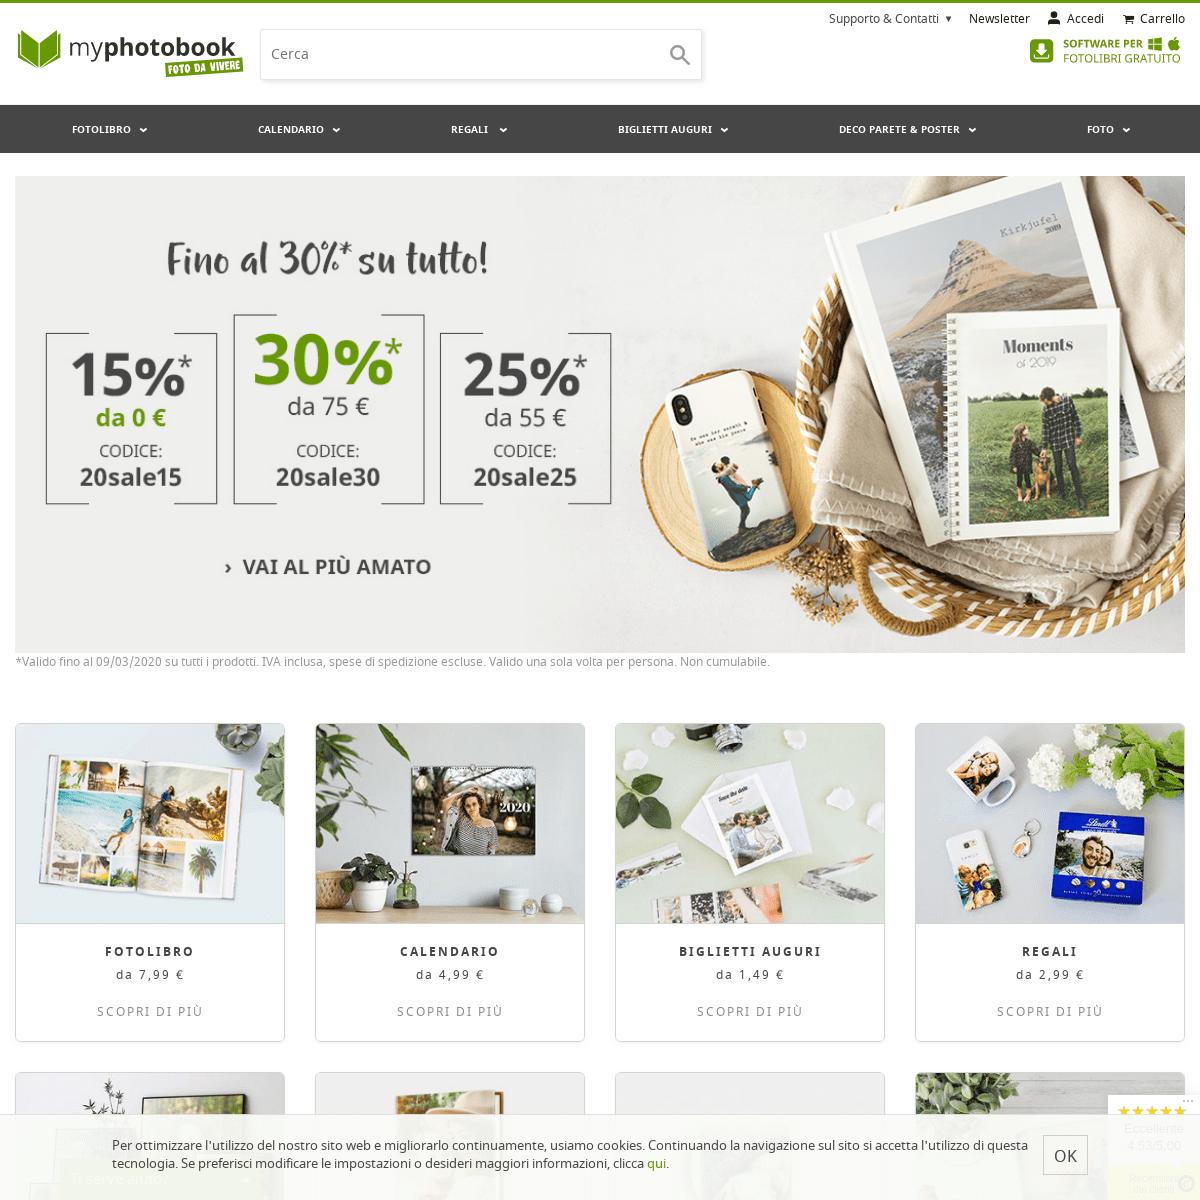 Oltre 300 prodotti fotografici da personalizzare